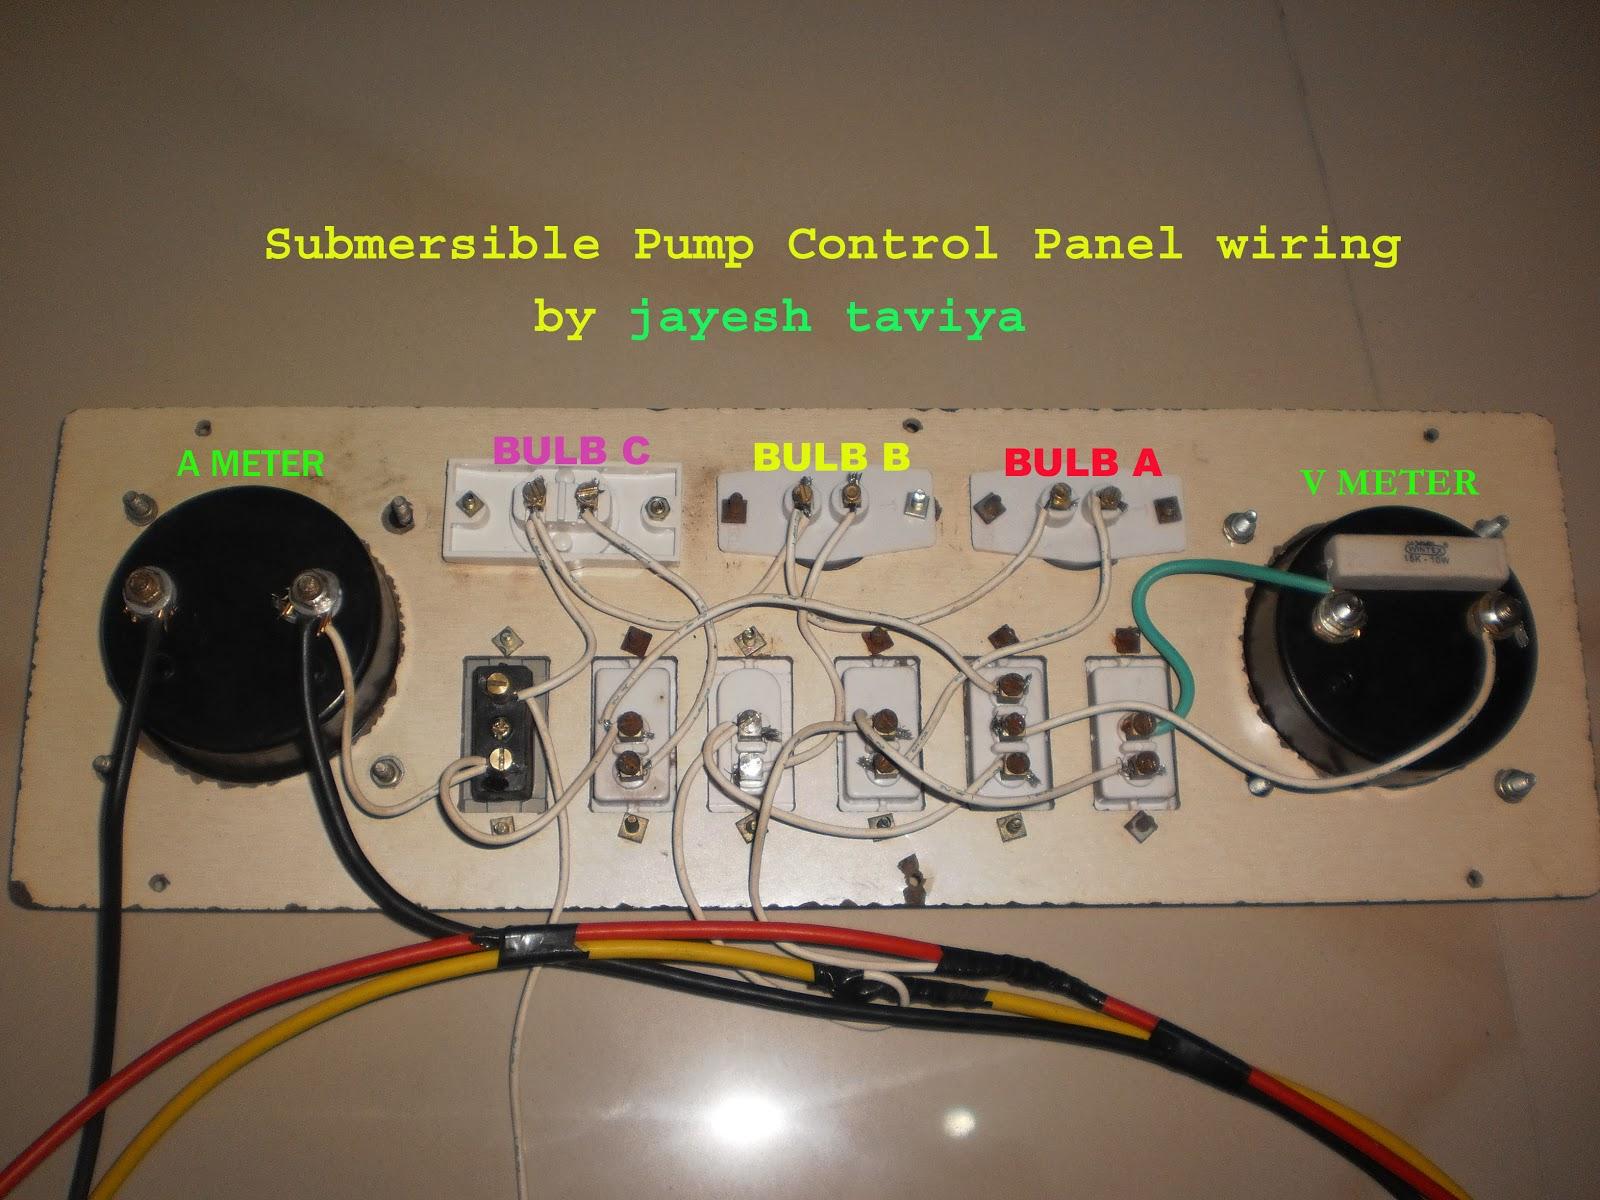 Submersible Pump Control Panel Wiring Jayesh Taviya